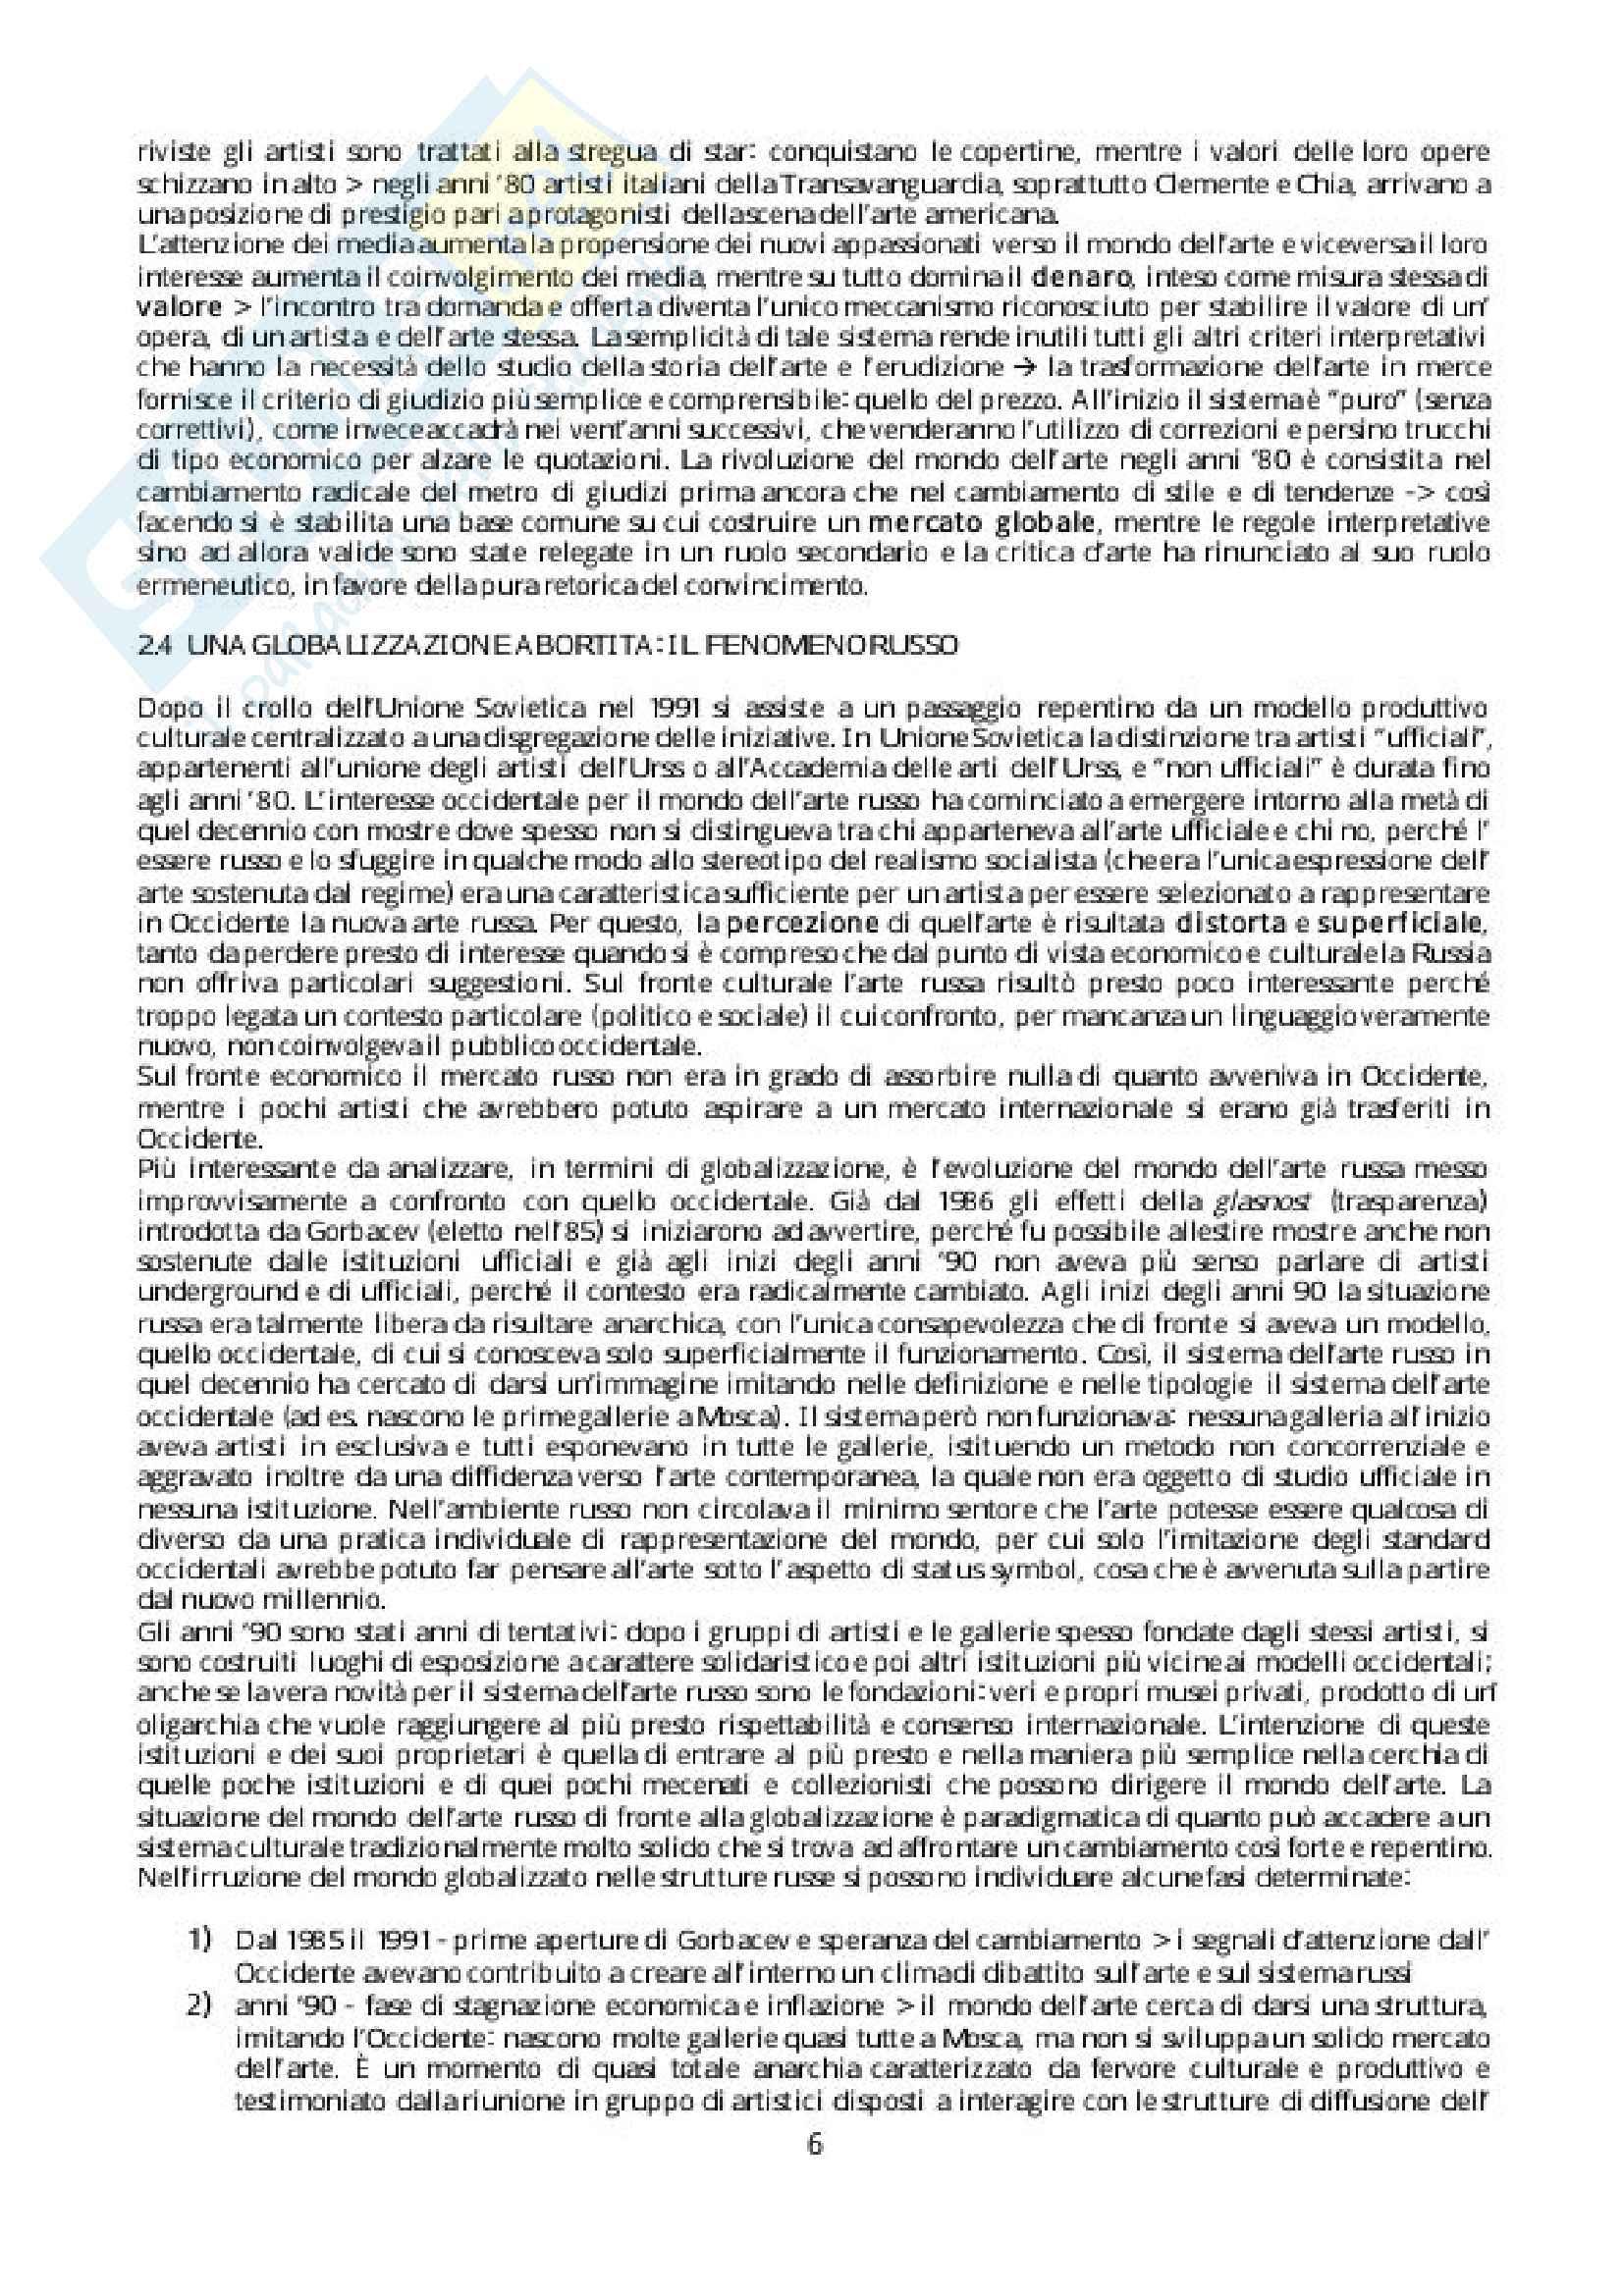 Riassunto esame Storia della critica, Docente Evangelisti. Libro consigliato Breve storia della globalizzazione in arte, Autore: Meneguzzo Pag. 6